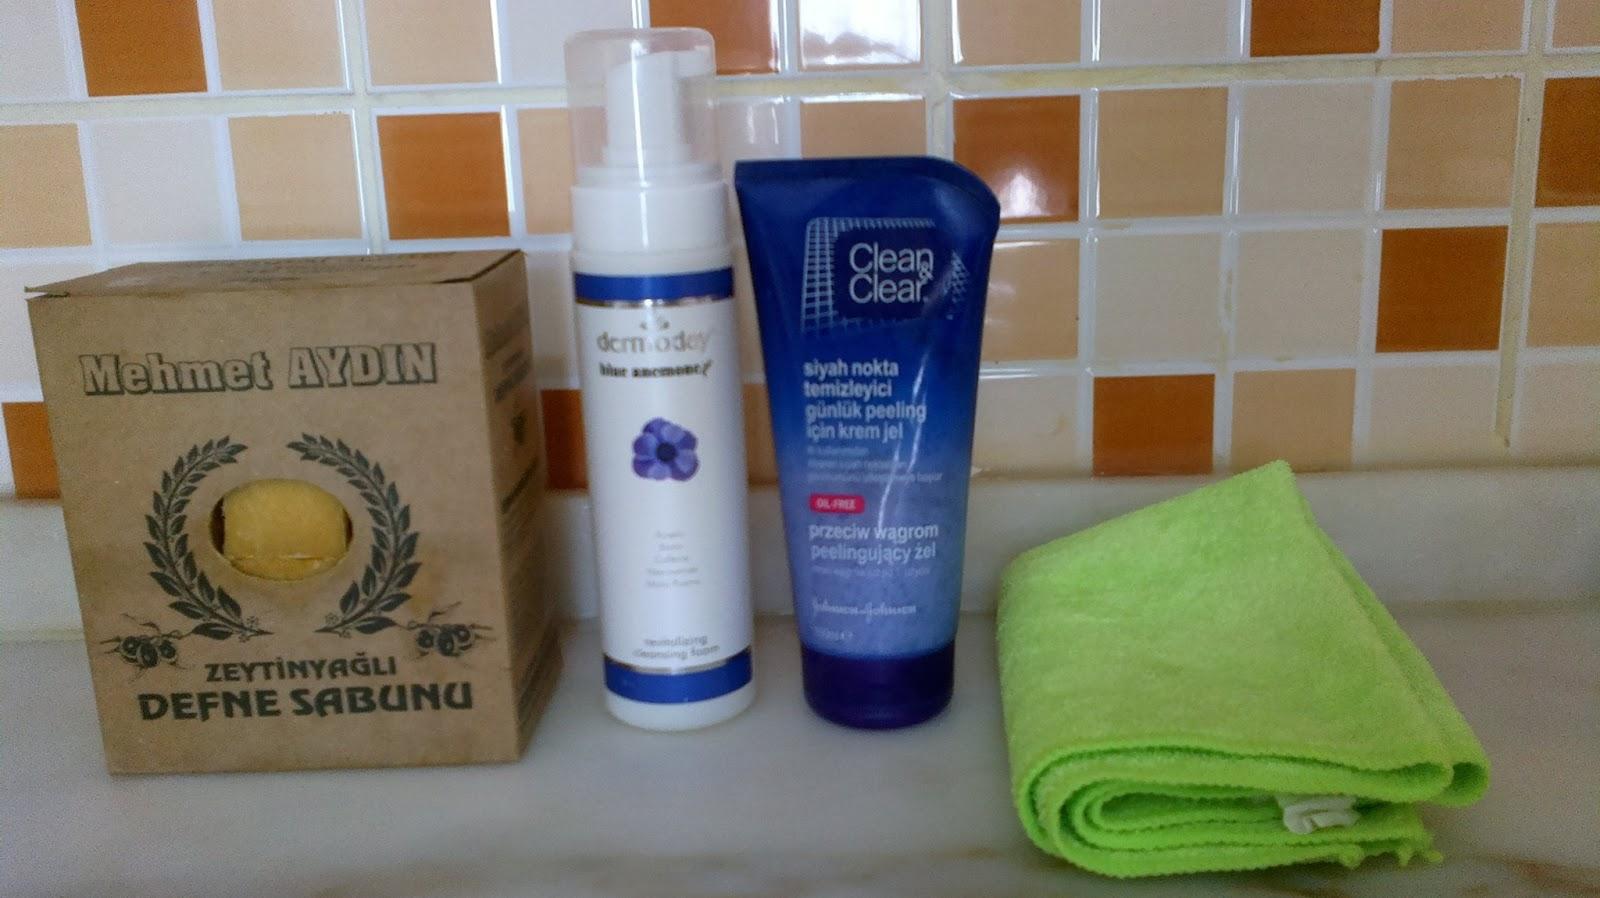 Defne sabunu faydaları